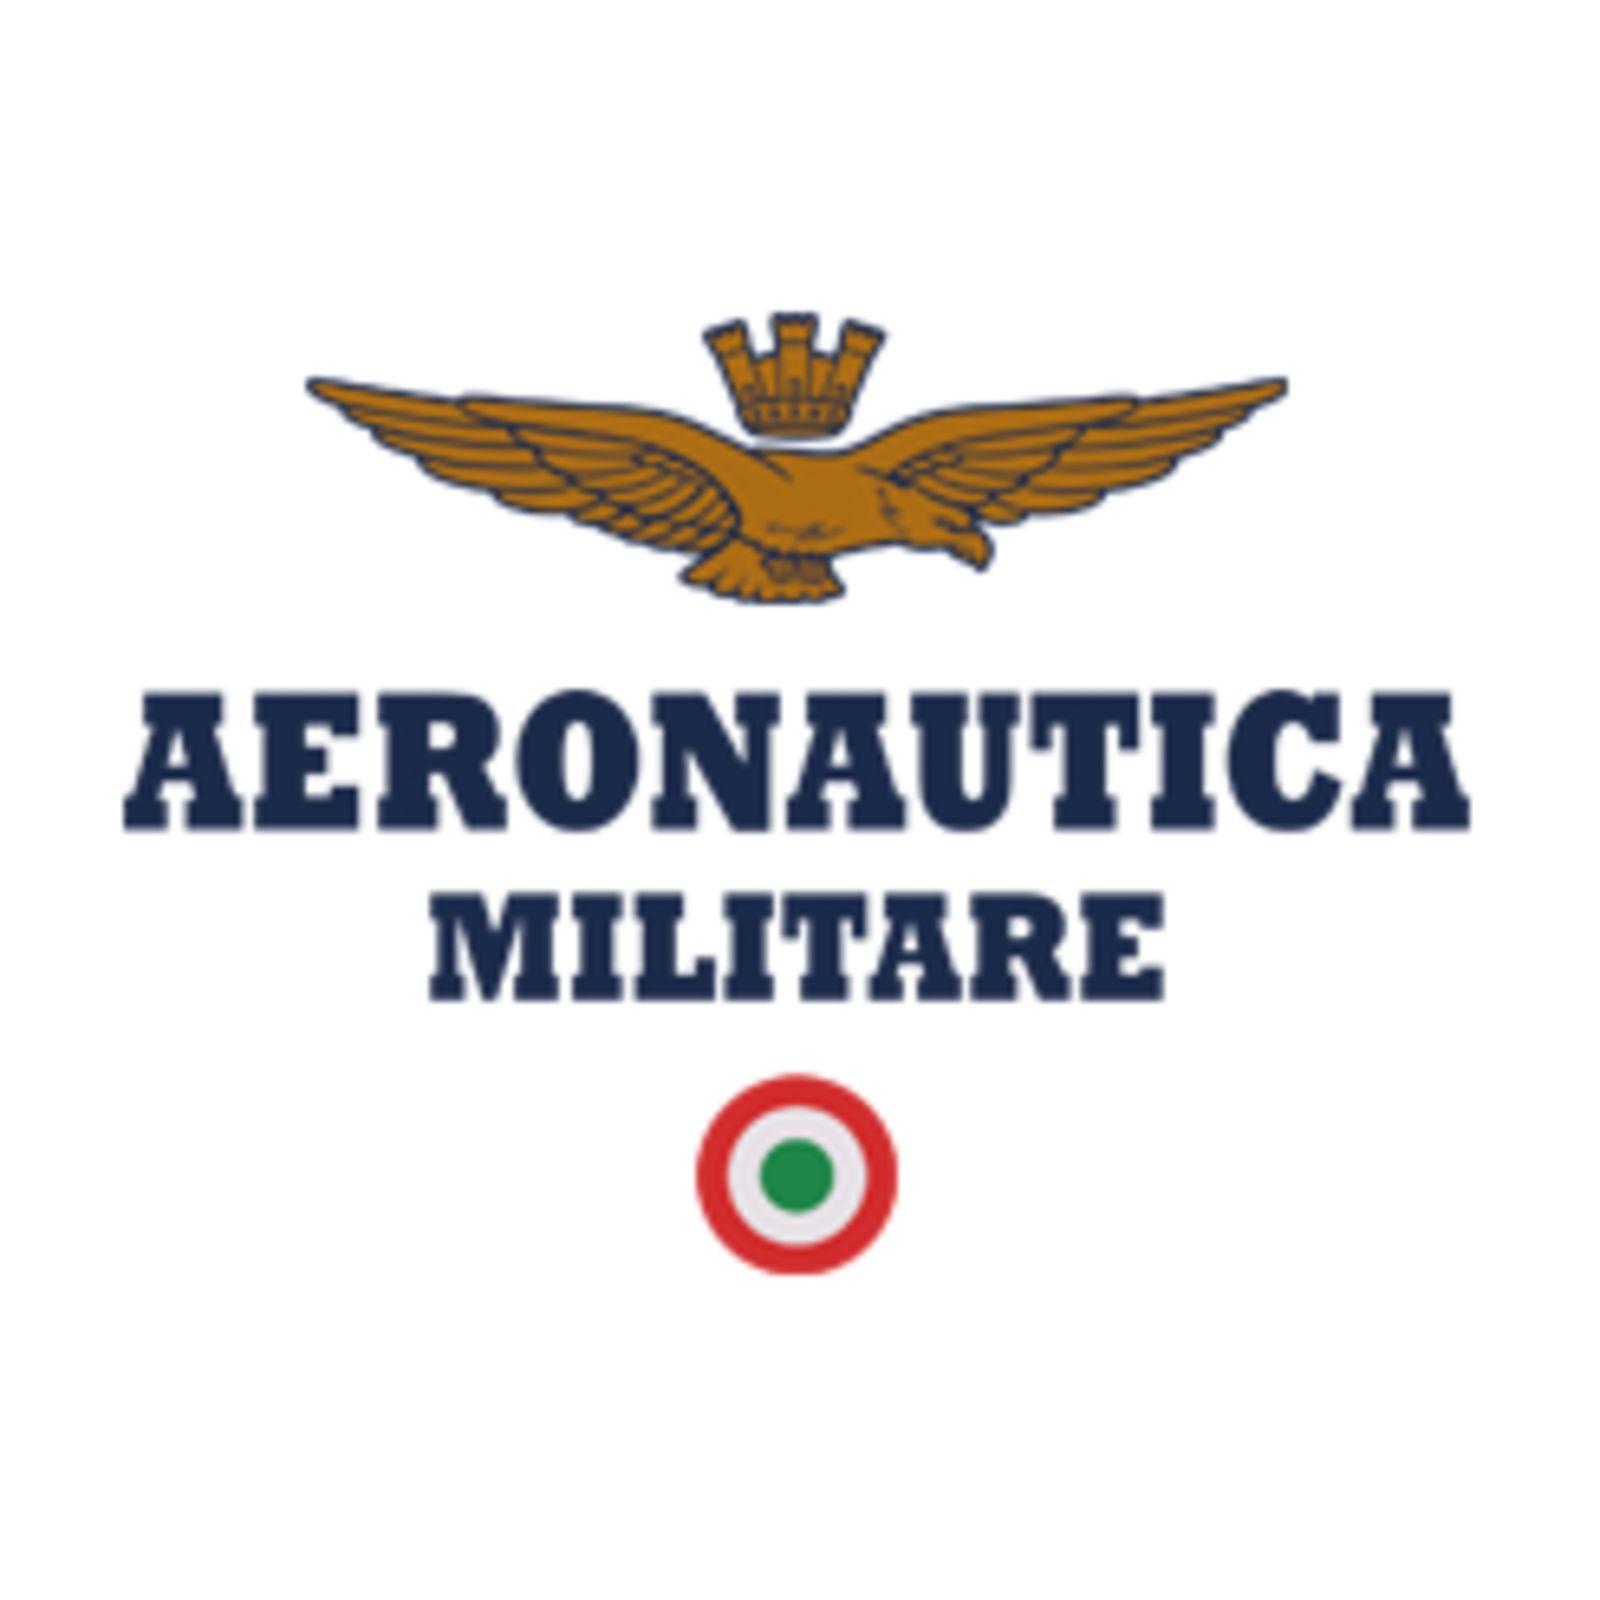 AERONAUTICA MILITARE (Bild 1)